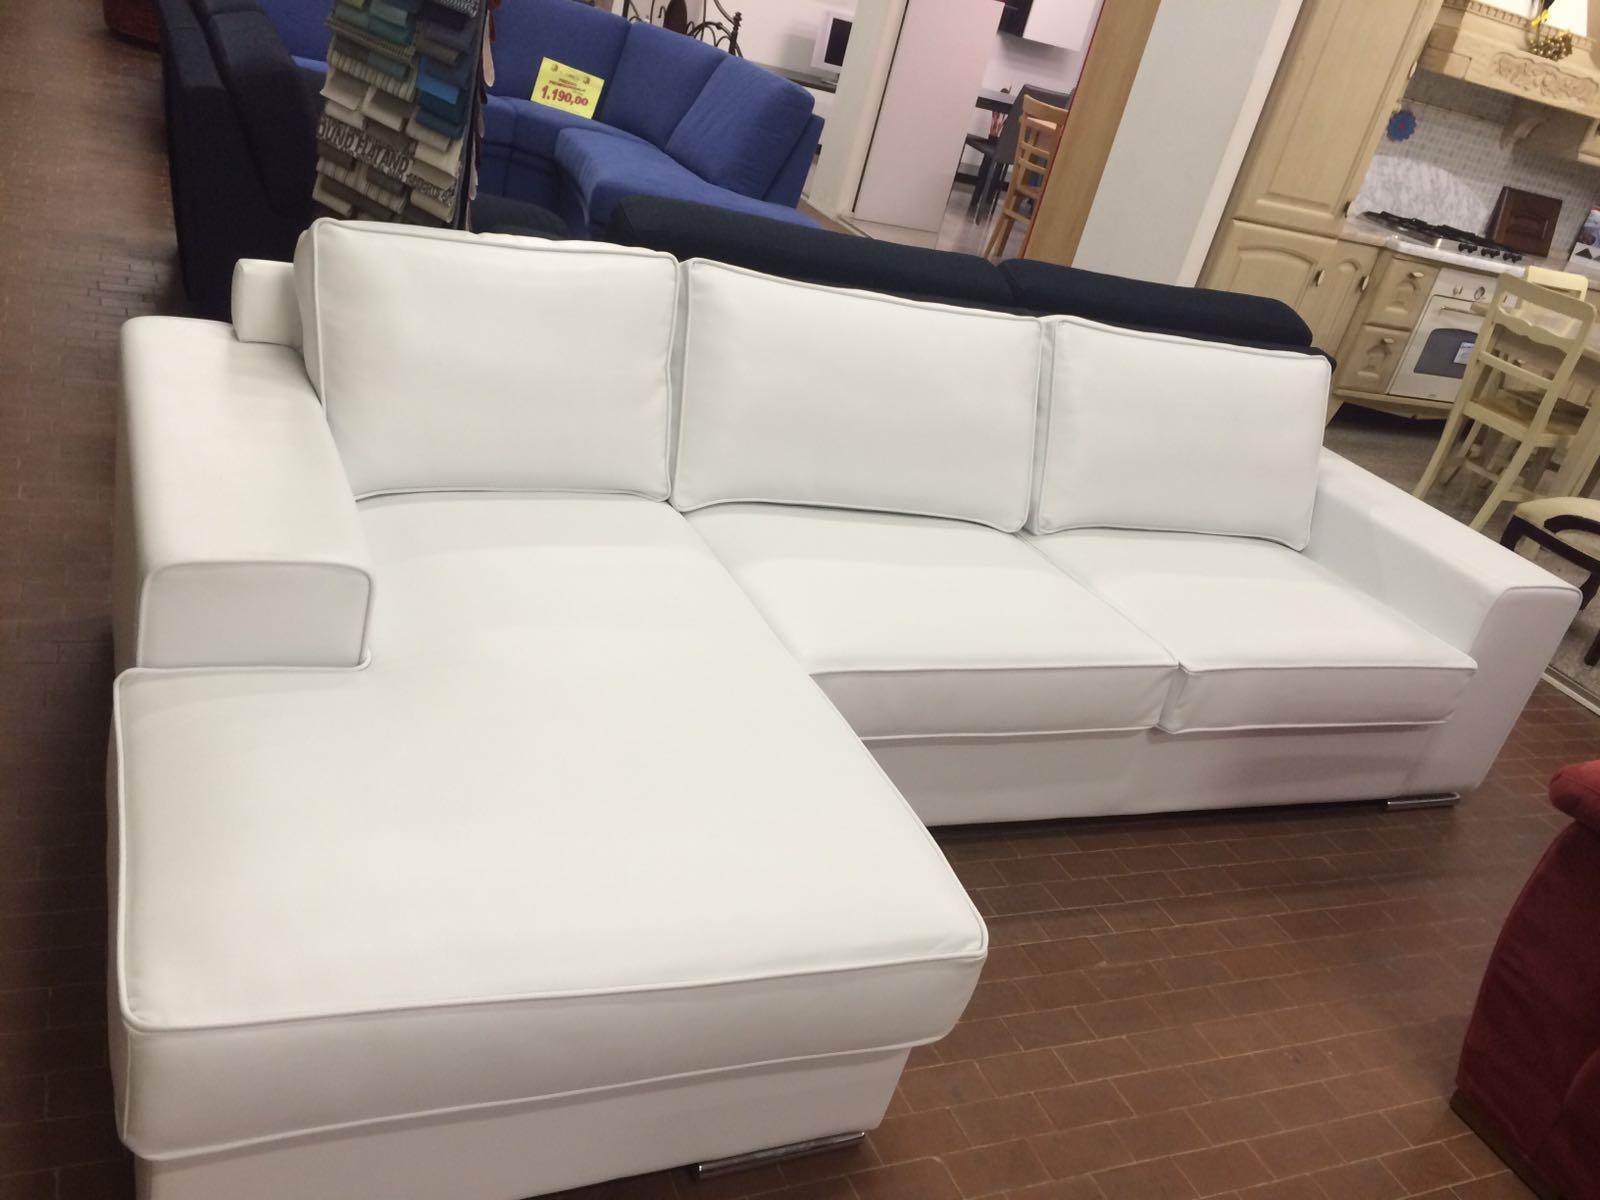 Divano bianco in pelle con penisola gienne italia divani for Divano letto bianco